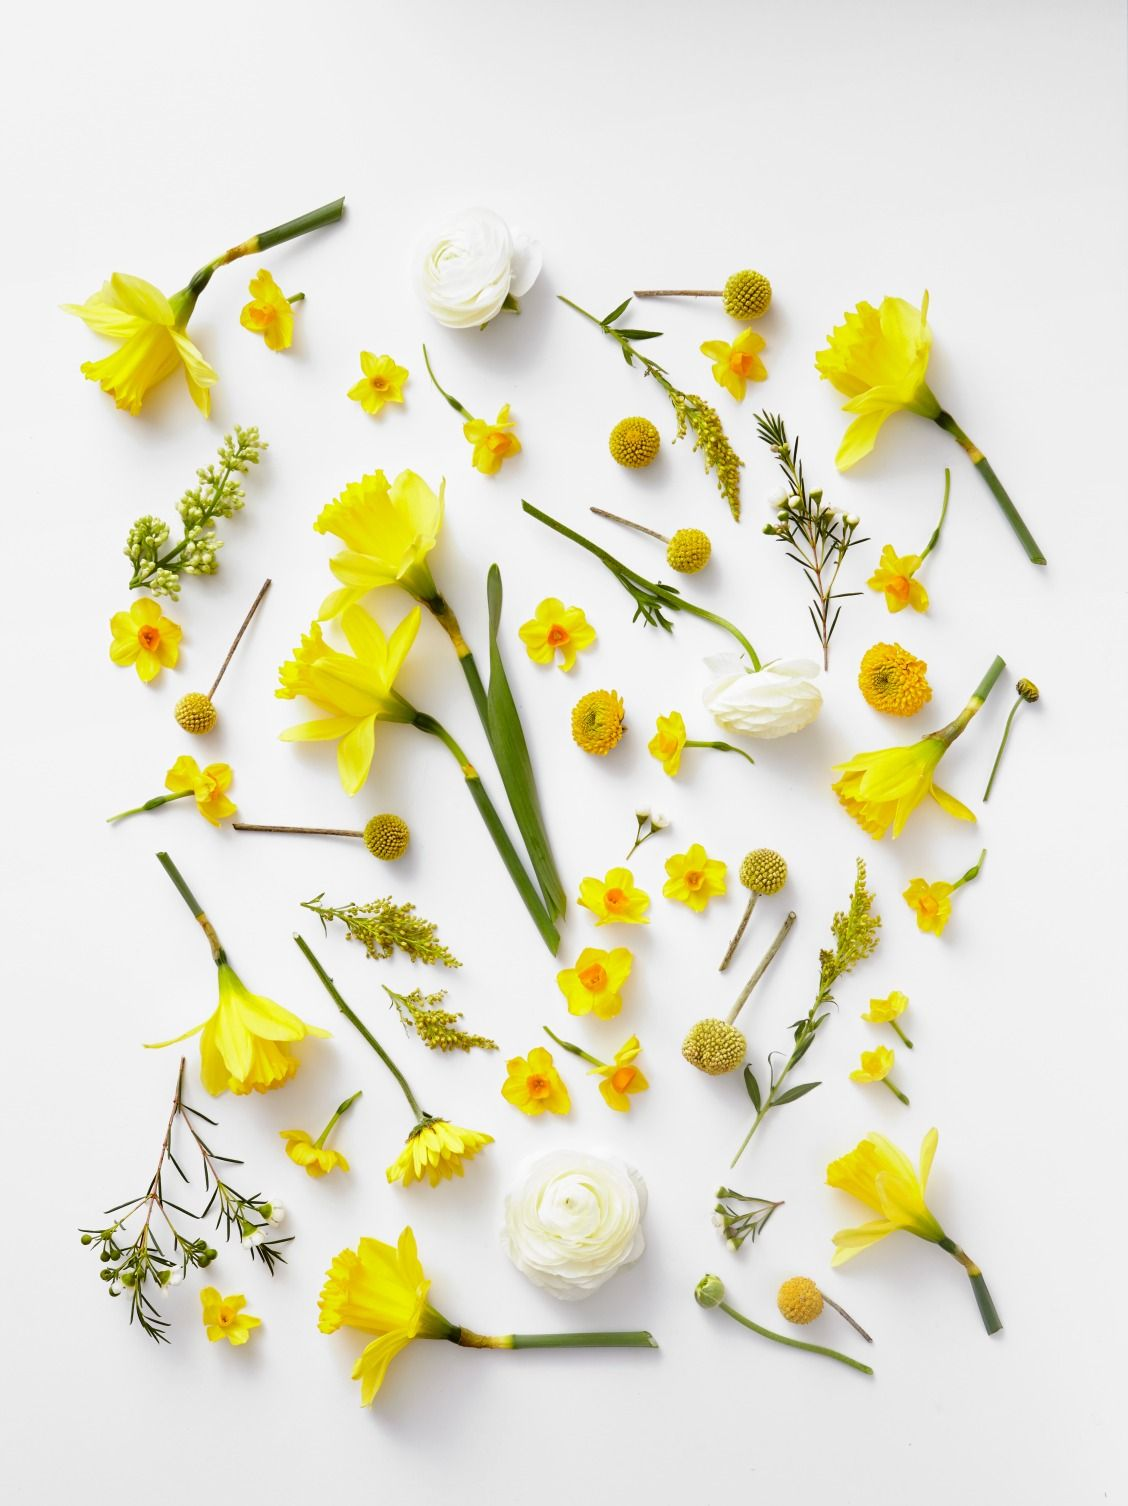 Pretty yellow flowers Yellow aesthetic, Yellow flowers